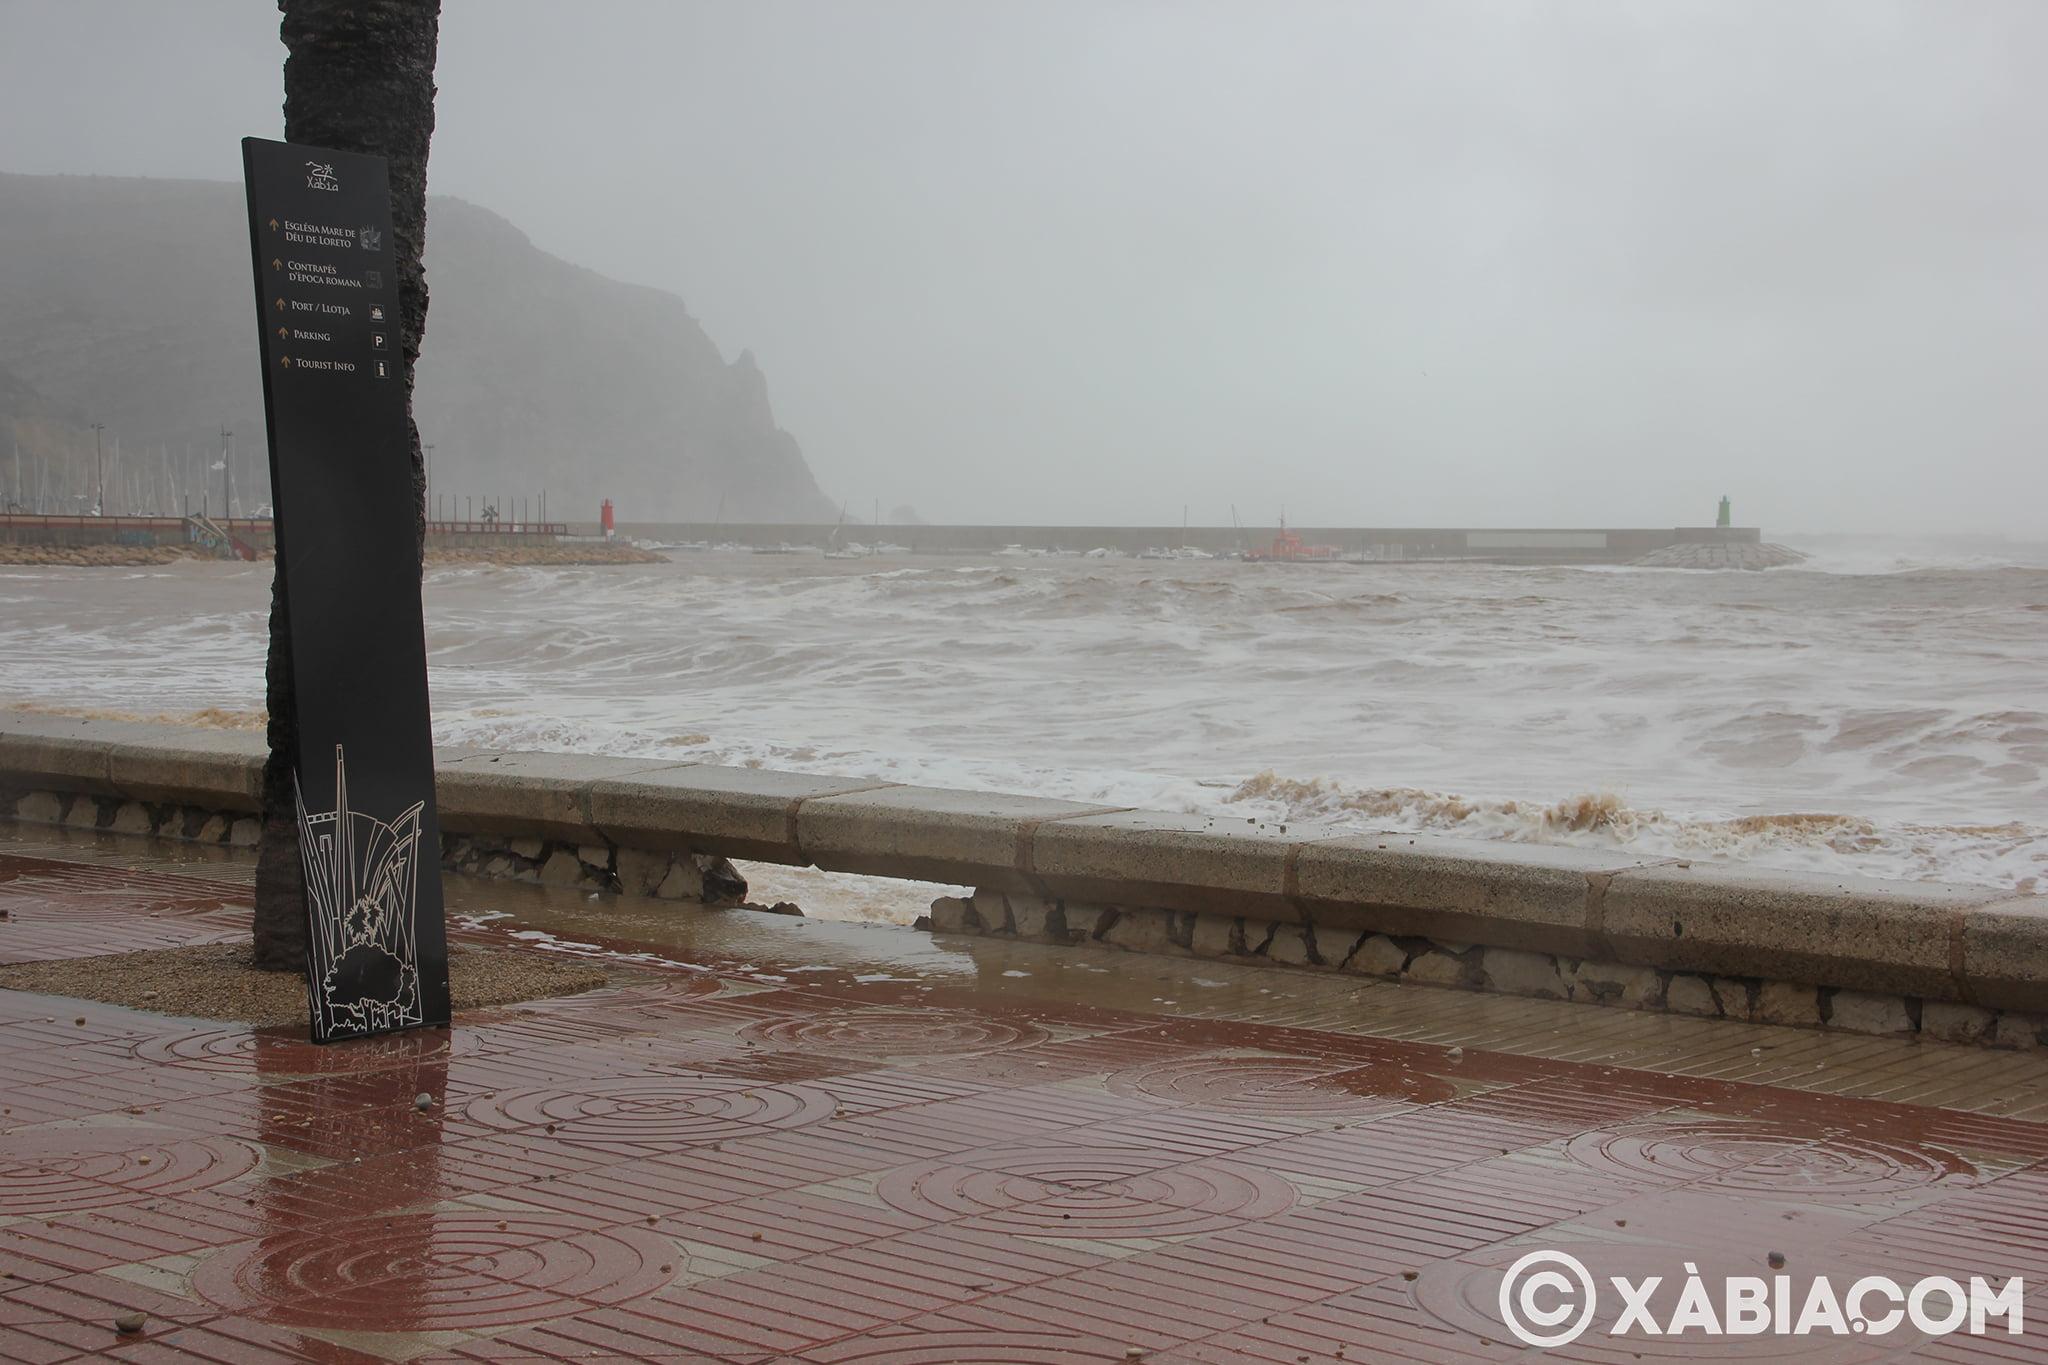 Brandelli di pioggia, vento e mare in Xàbia (52)